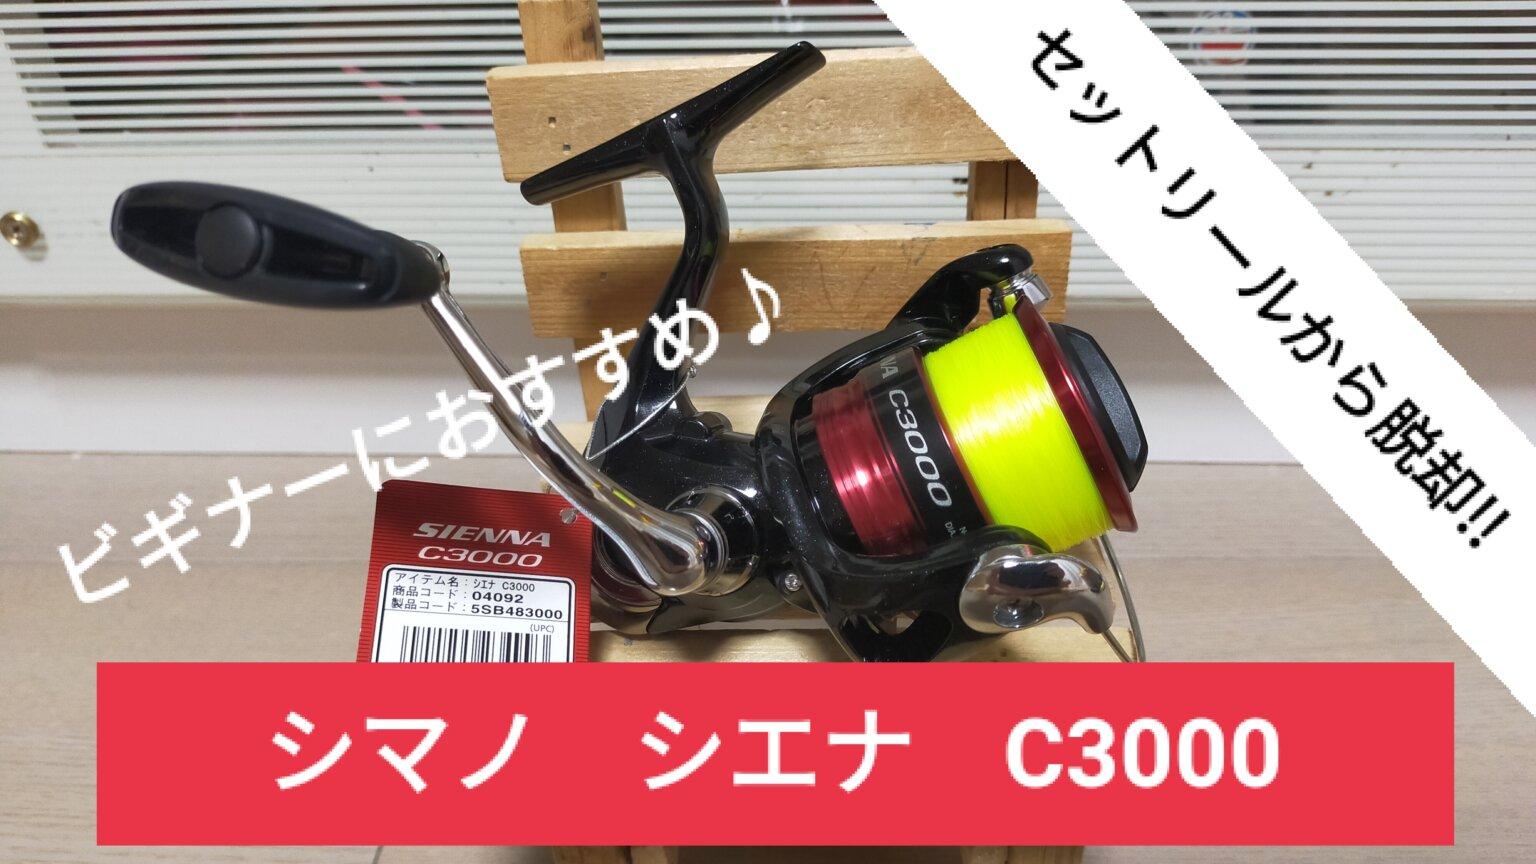 シマノ(SHIMANO) のリール「シエナ」が安くておすすめ♪セットリールから脱却するならコレッ!